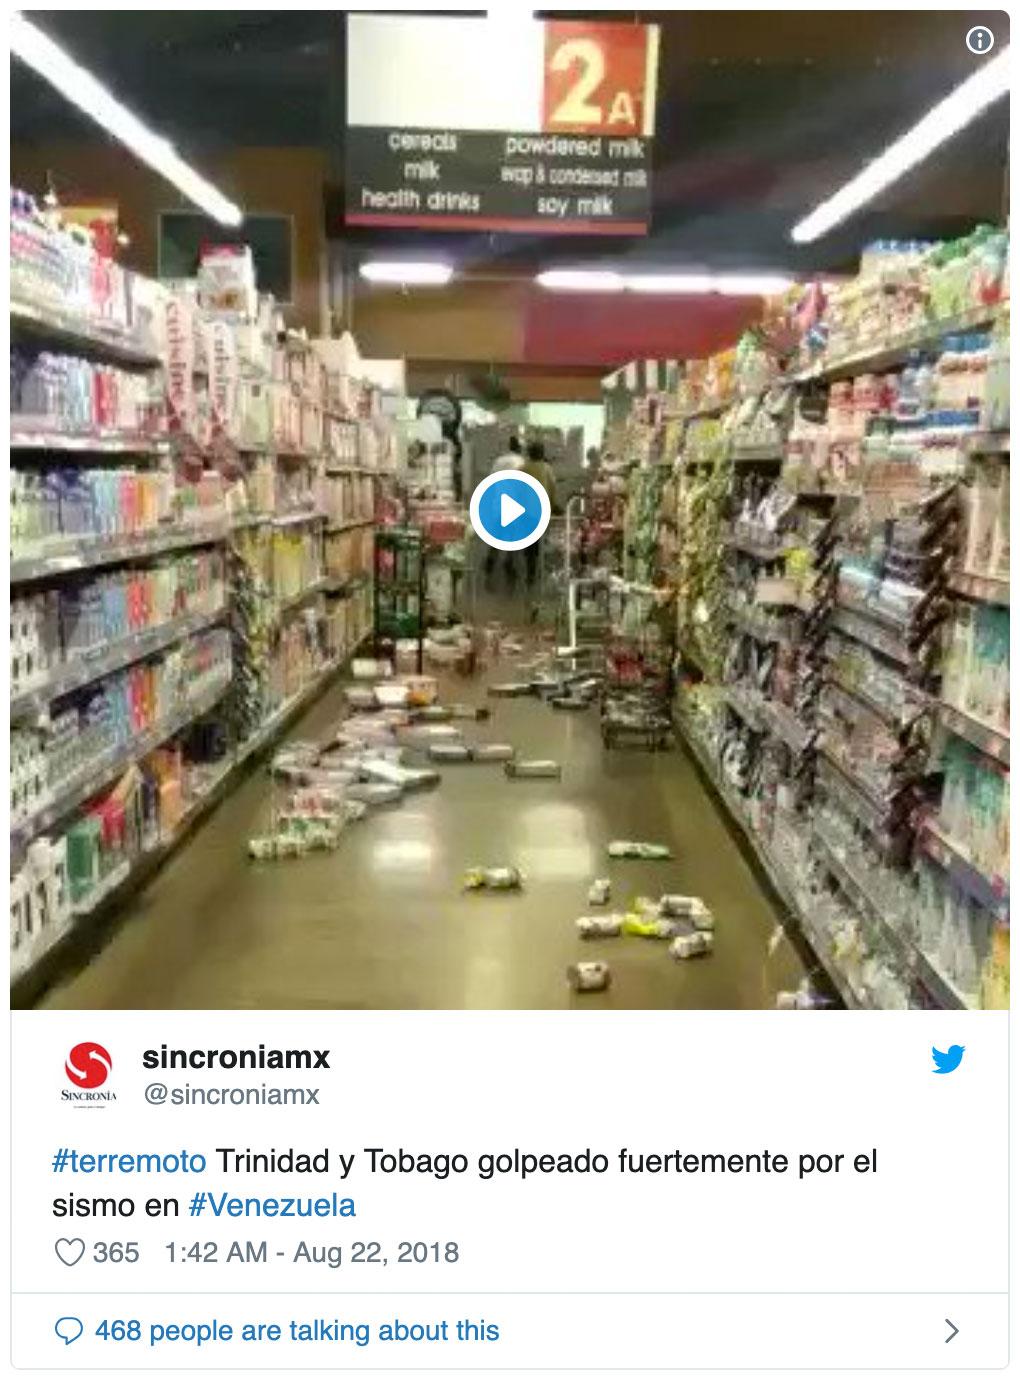 Venezuela Rocked By Large Earthquake | Discover Magazine